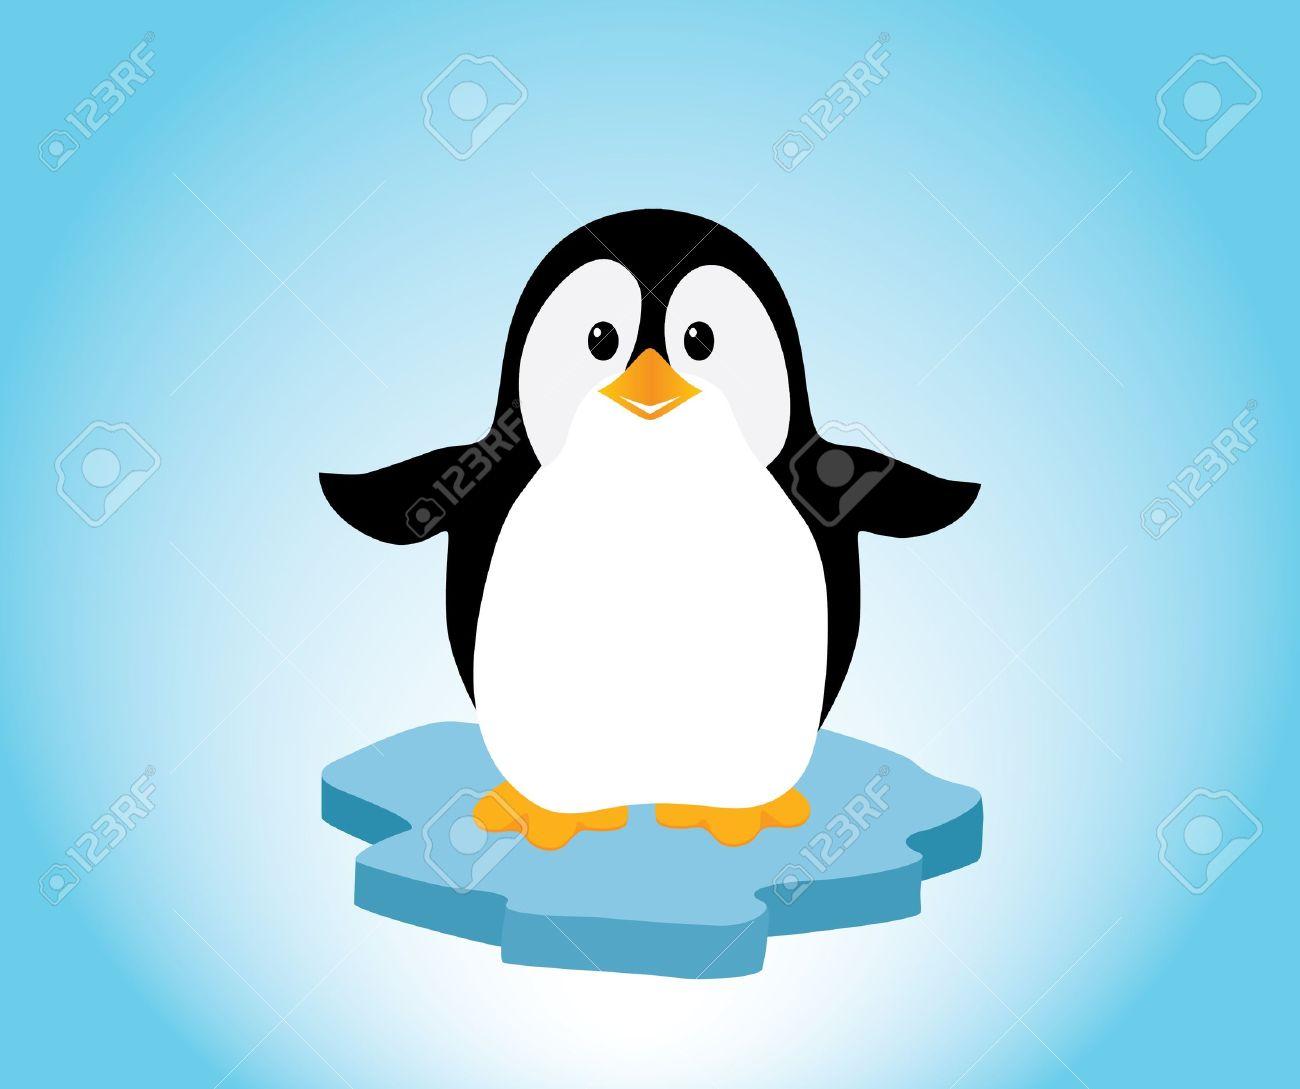 Lilttle penguin clipart.